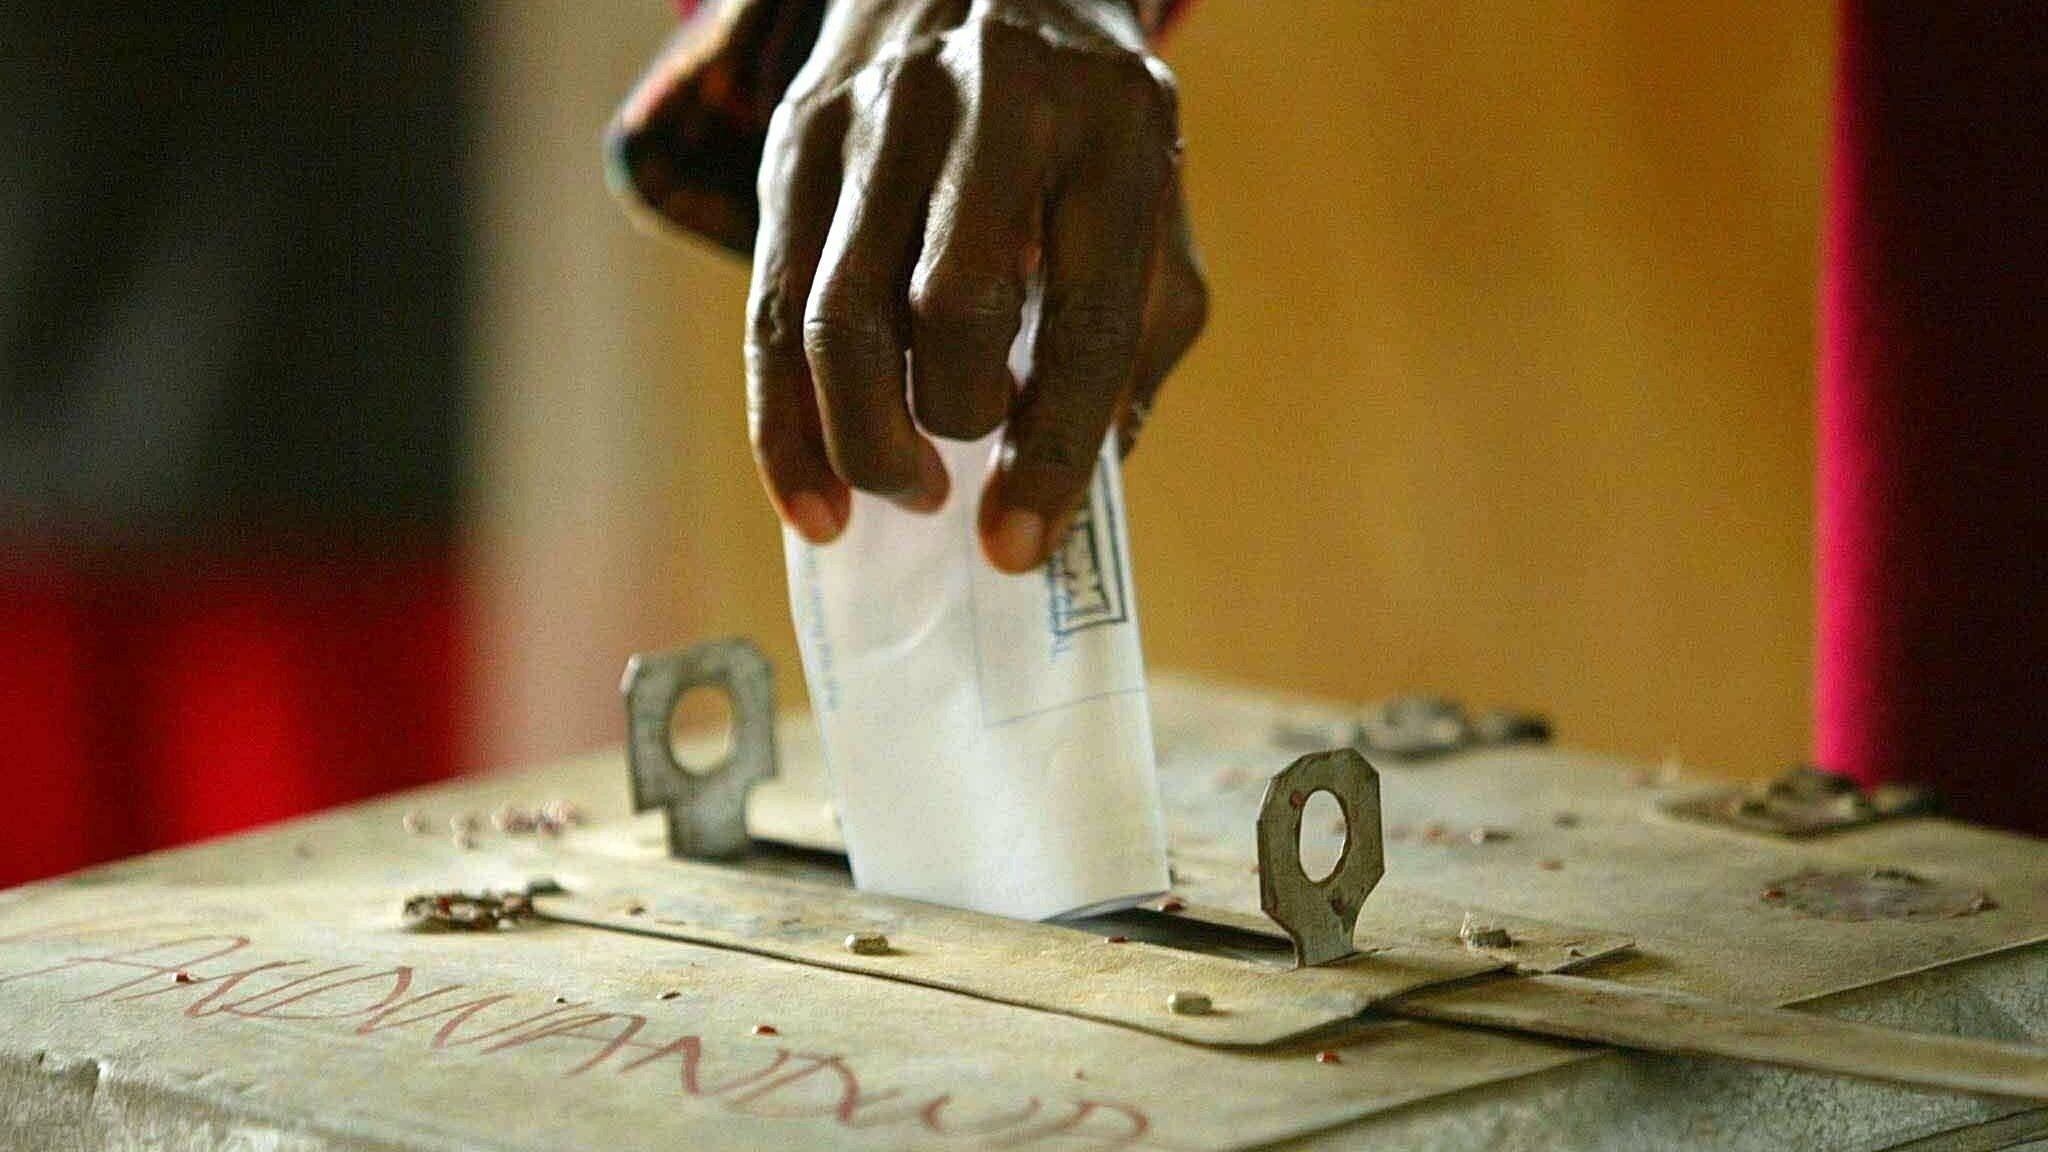 Ein Wähler wirft seinen Stimmzettel am 18.10.2003in einem Wahllokal im Ntfonjeni-Gebiet im Nordosten von Swasiland in eine Wahlurne.